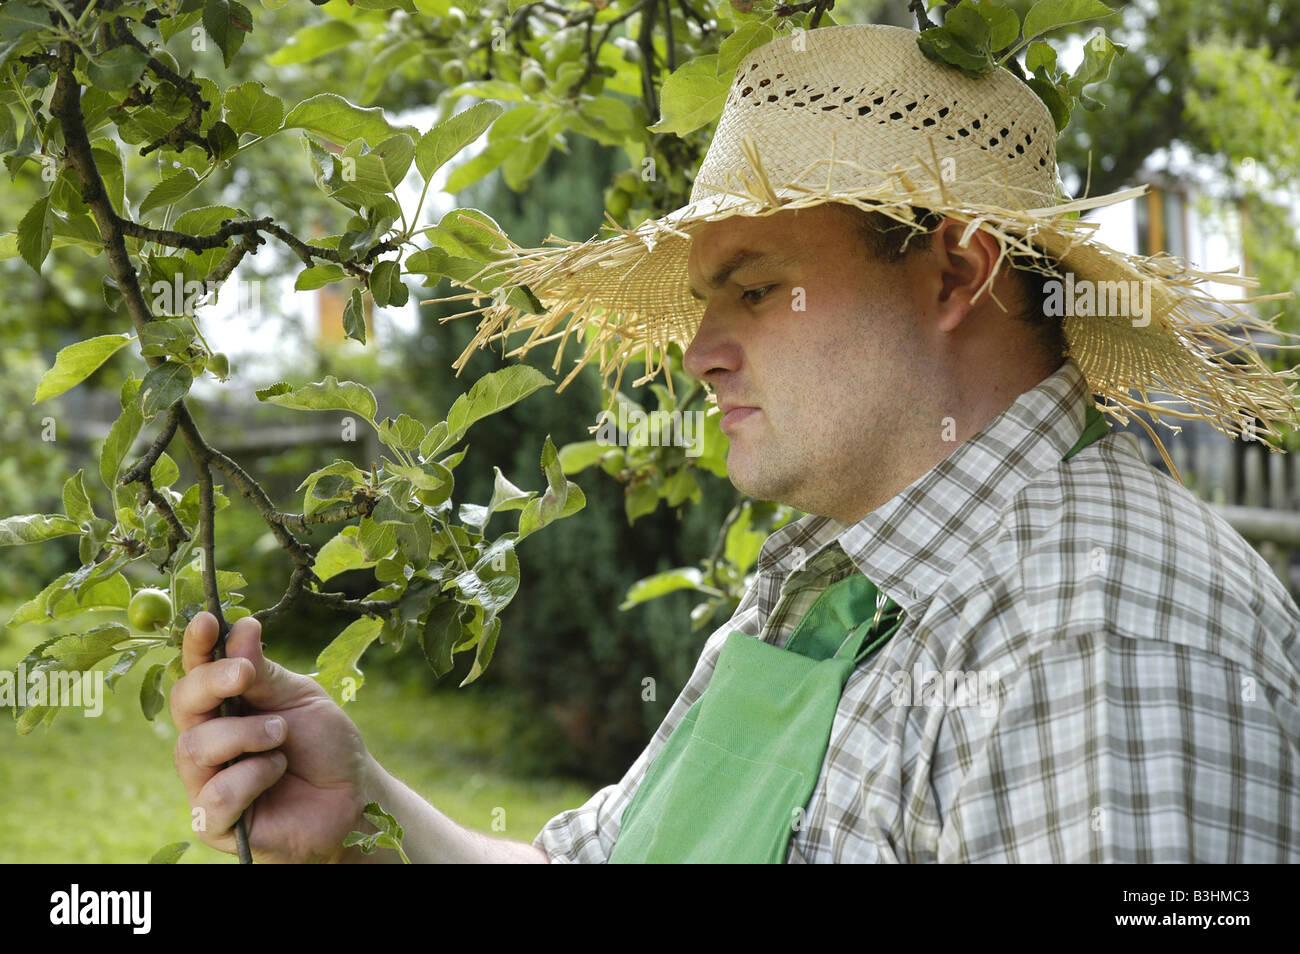 gardener at work - Stock Image